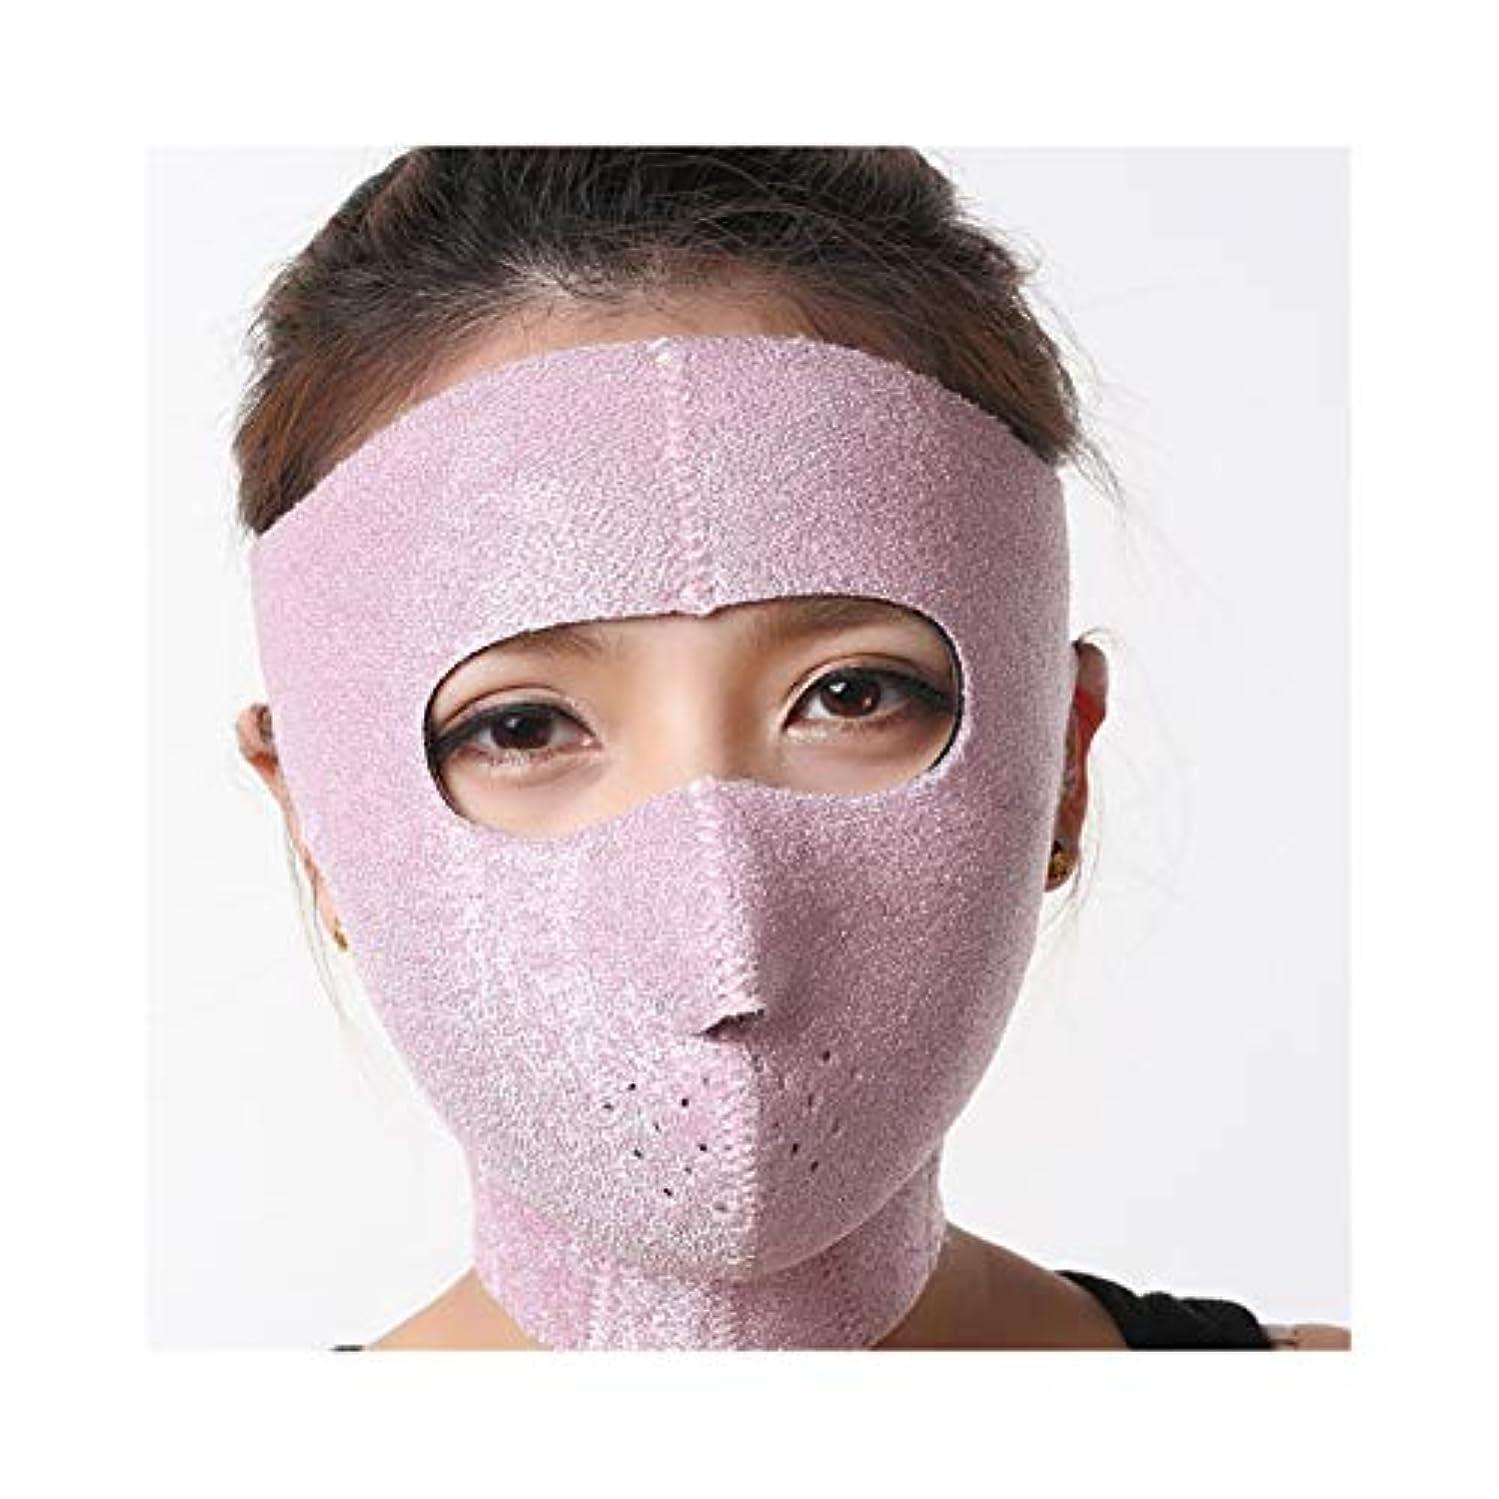 著作権見捨てられたポーンGLJJQMY スリムベルトマスク薄い顔マスク睡眠薄い顔マスク薄い顔包帯薄い顔アーティファクト薄い顔薄い顔薄い顔小さいV顔睡眠薄い顔ベルト 顔用整形マスク